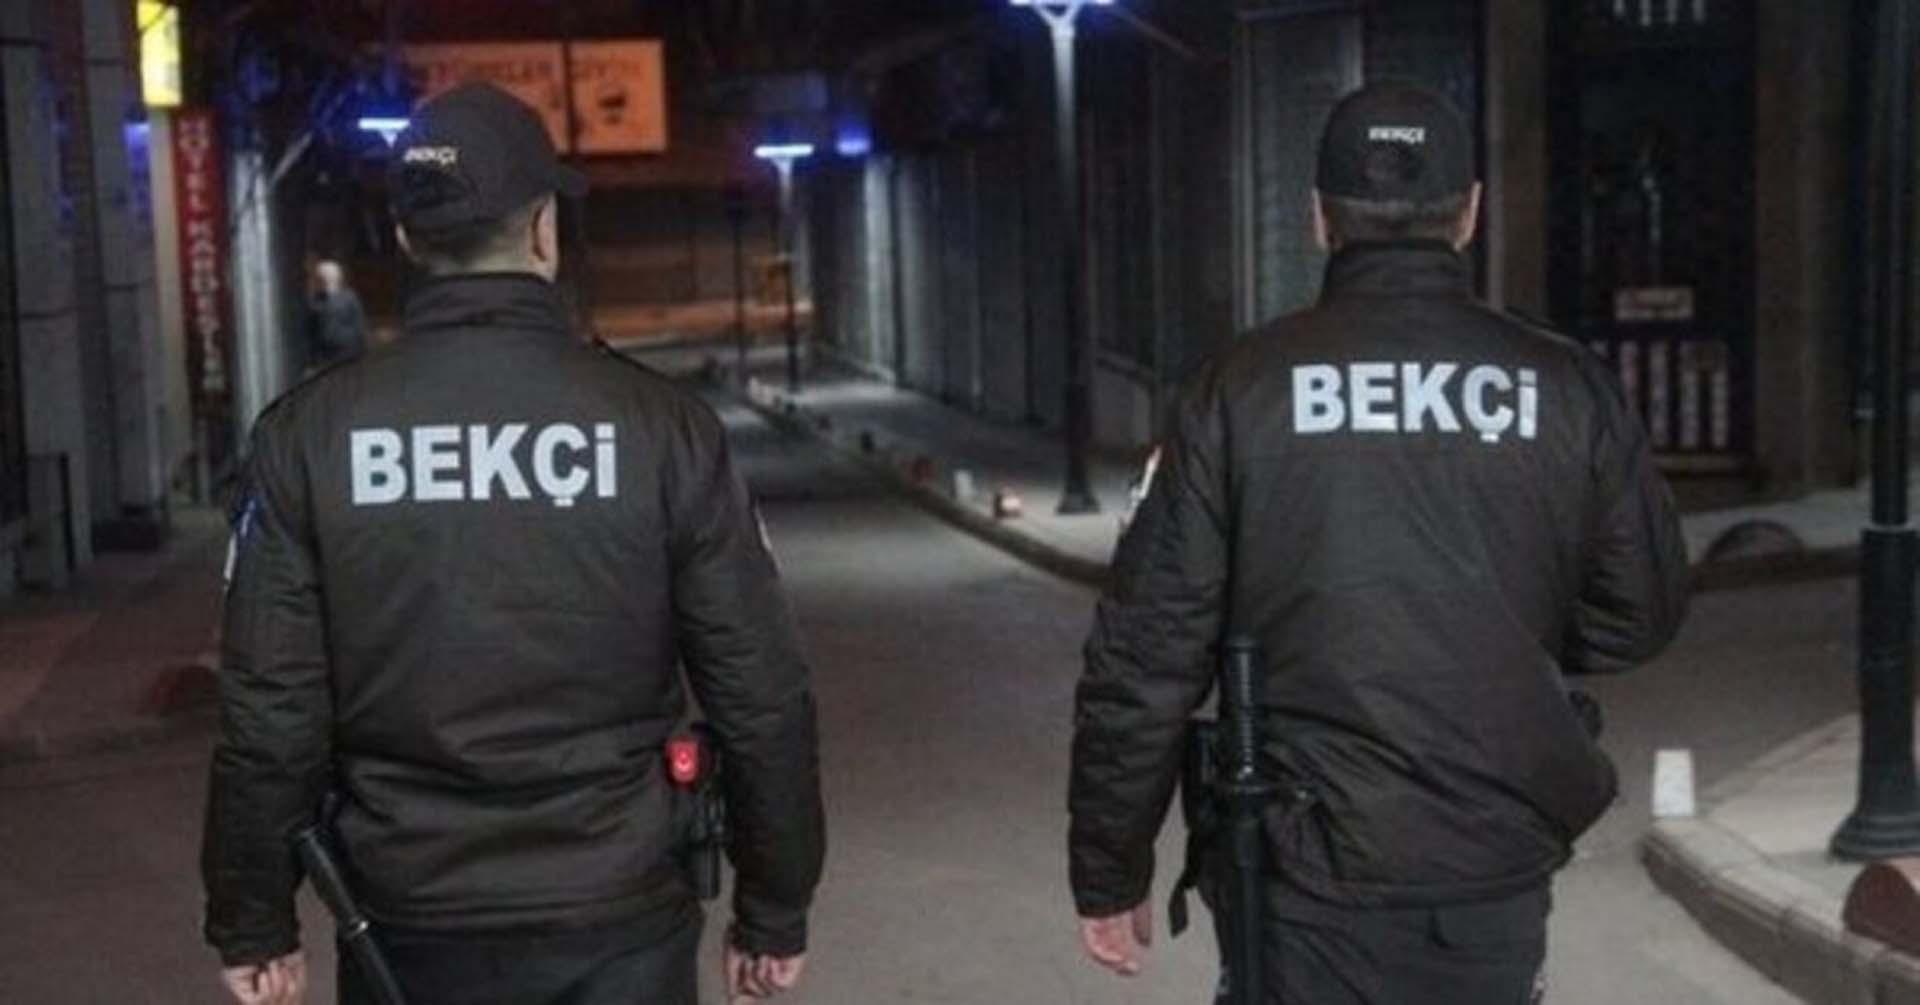 Konya'da, kendisini uyarmak isteyen bekçilere ateş eden Mehmet Toker çıkan çatışmada hayatını kaybetti